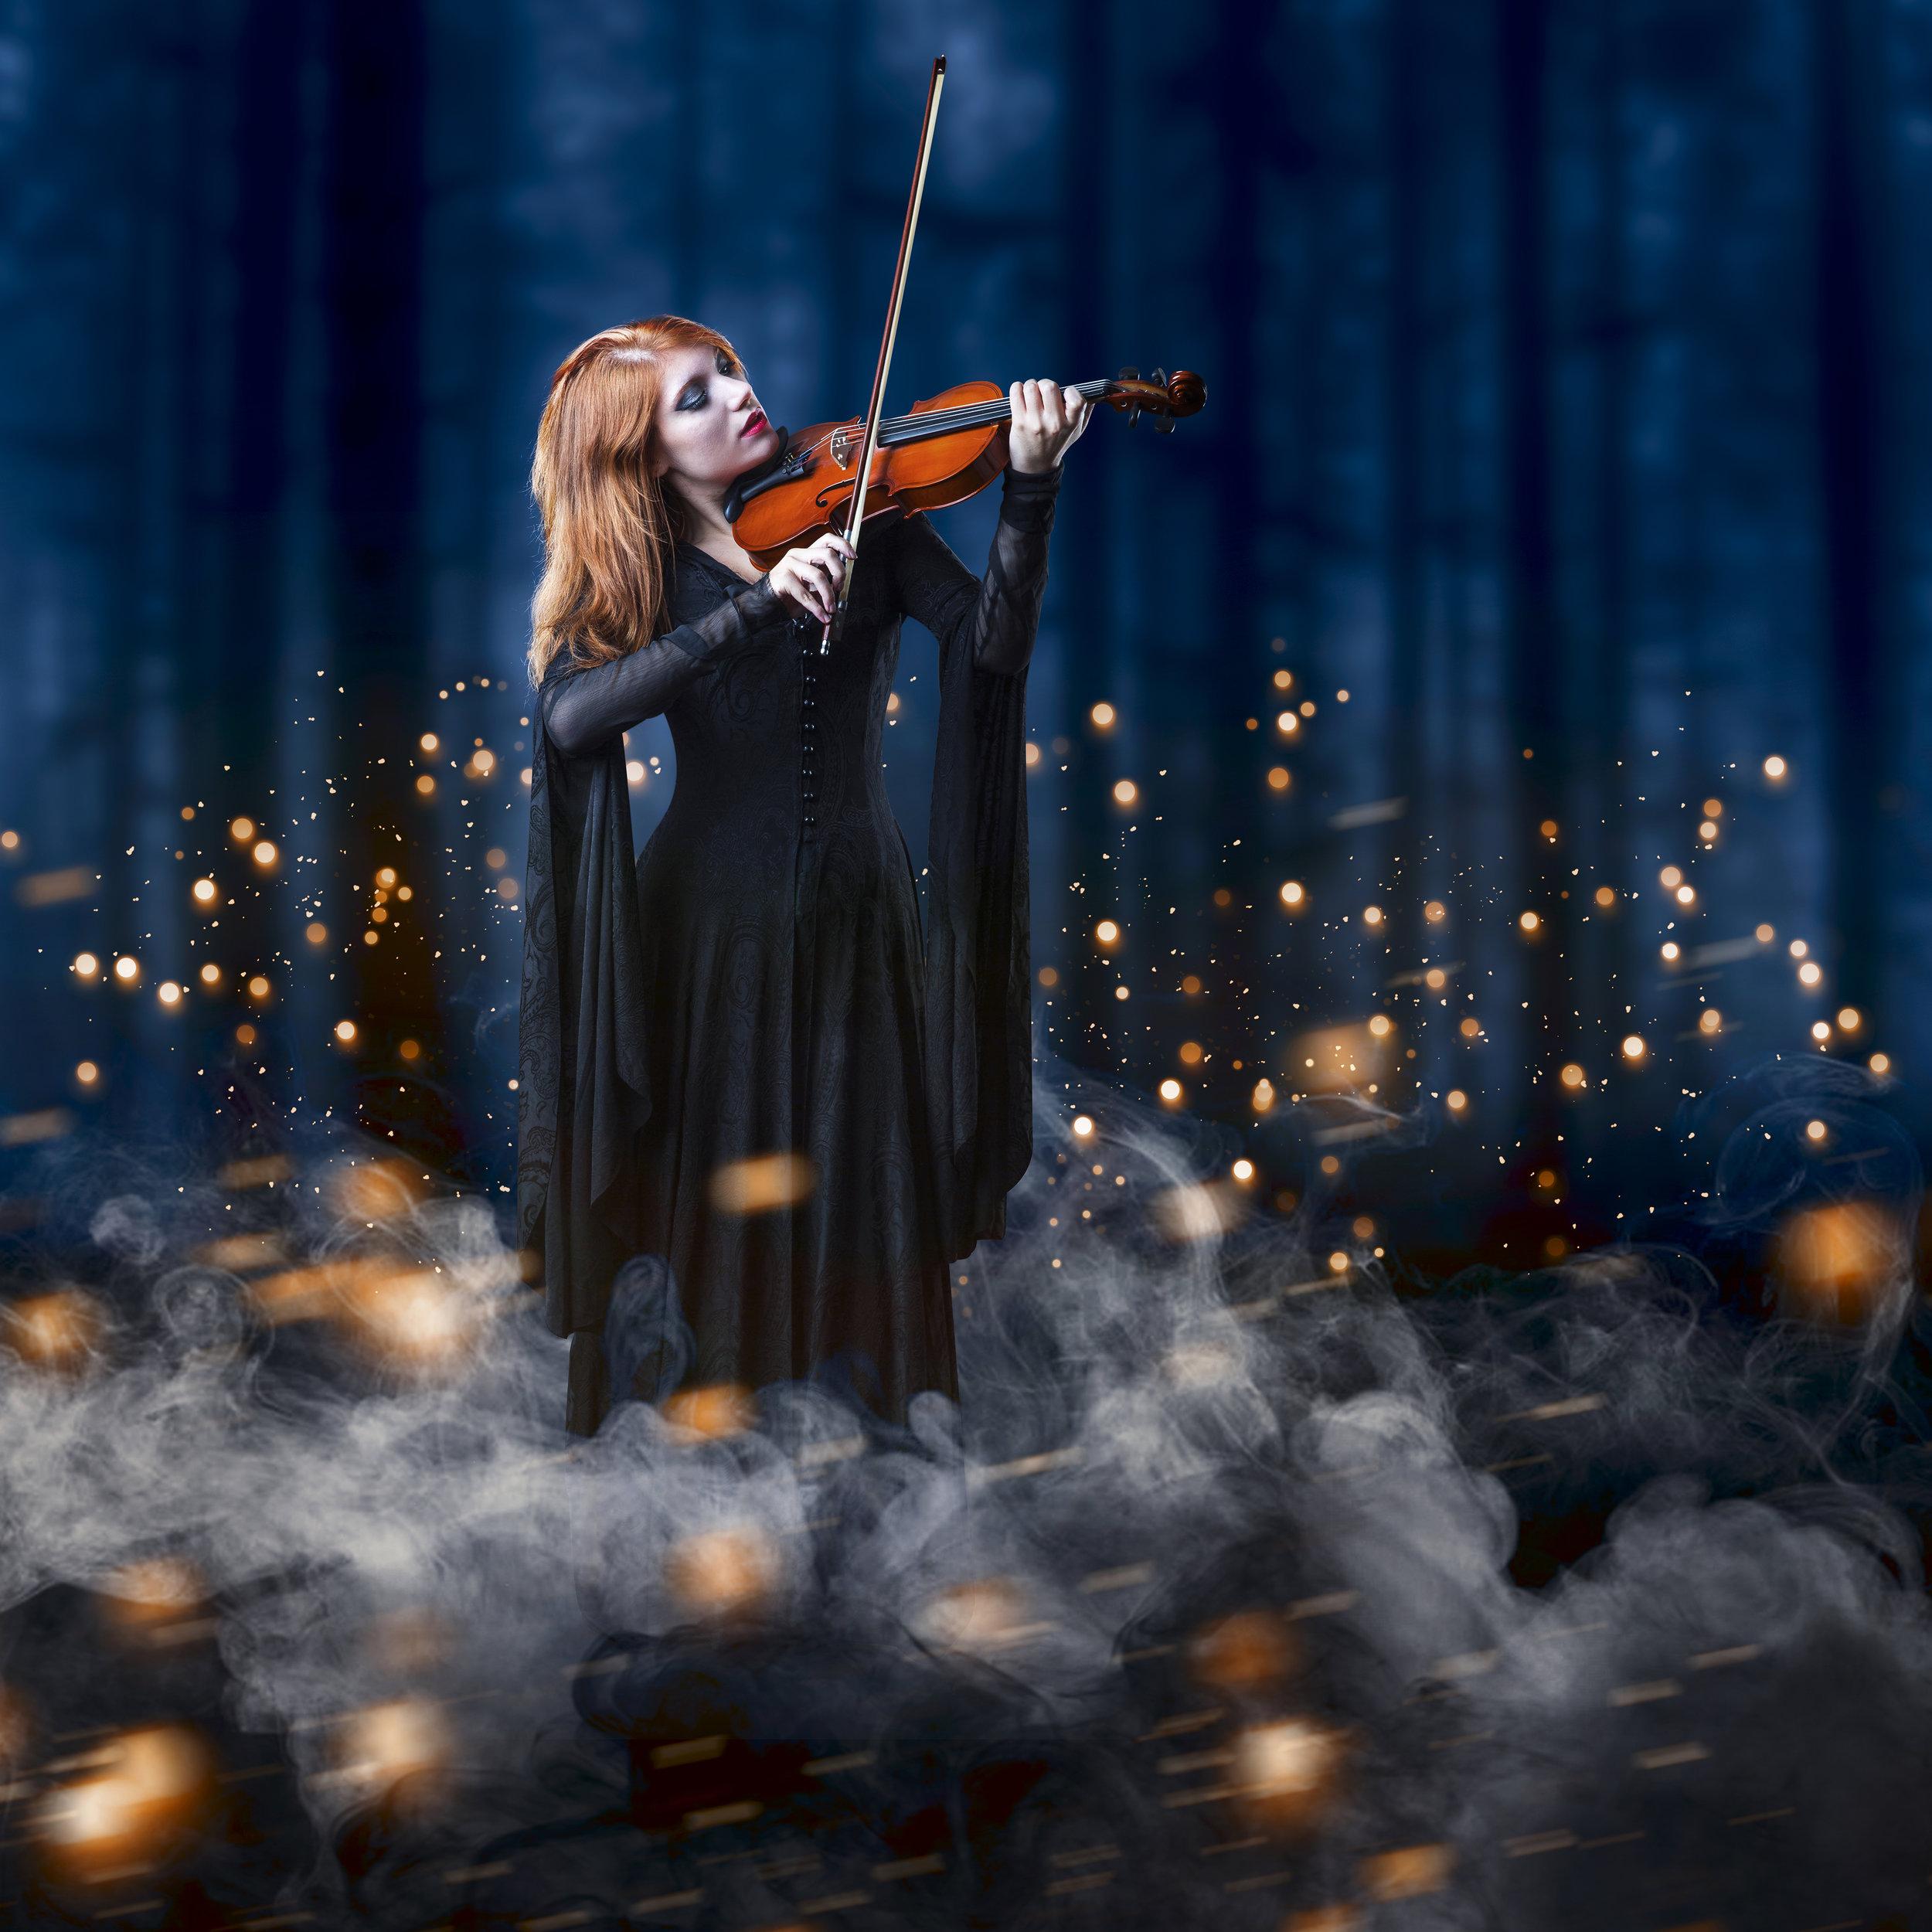 Manipolazione fantasy con una violinista